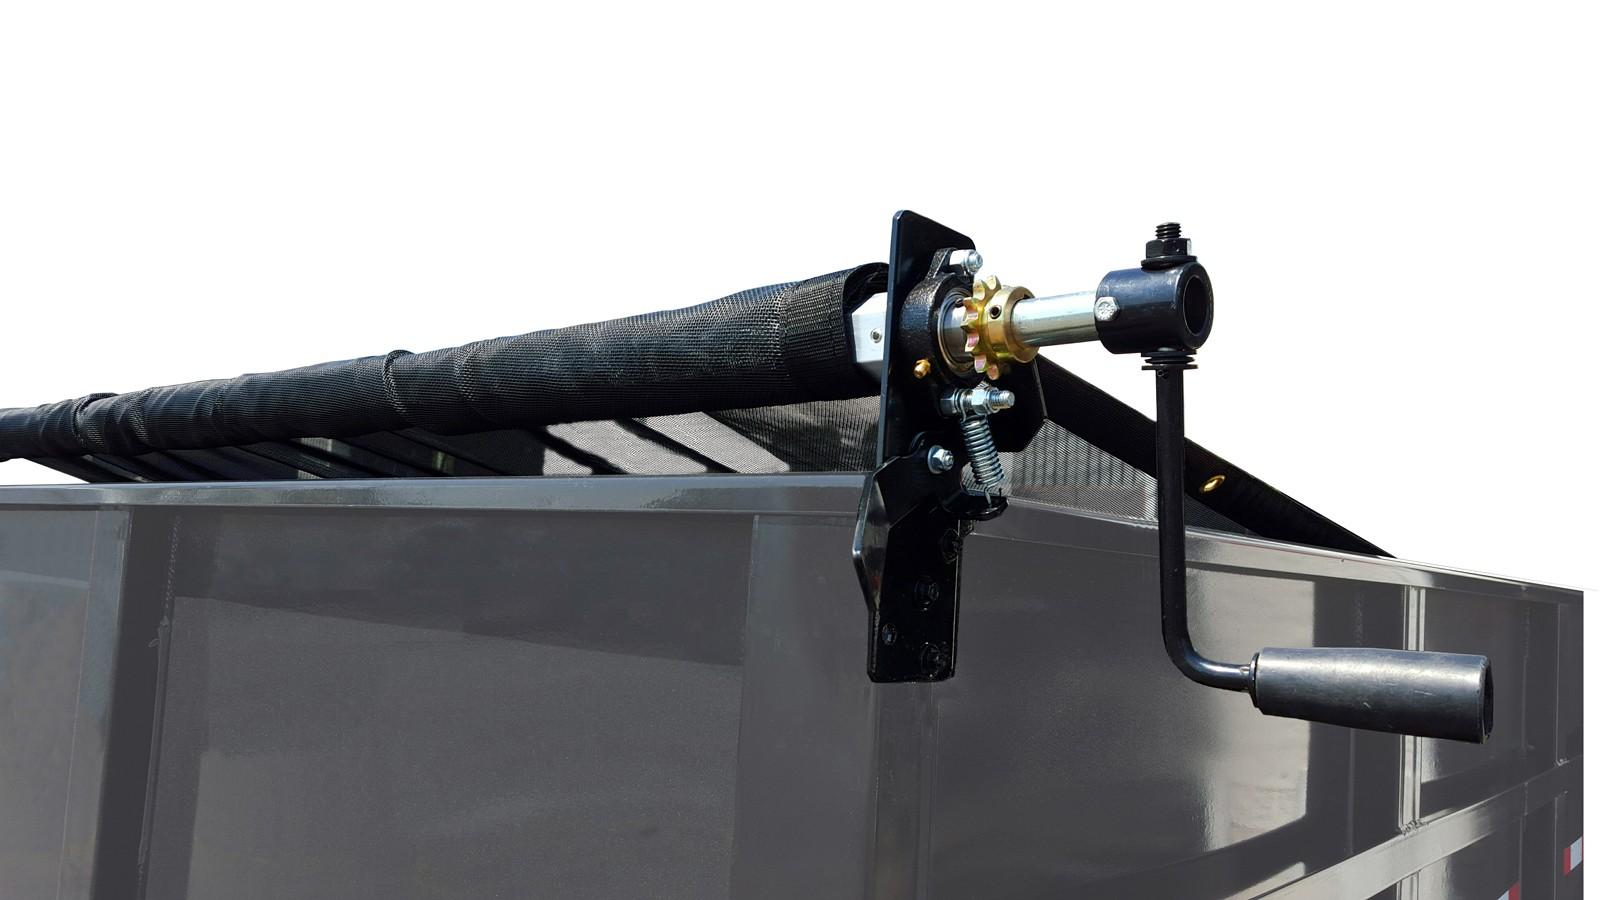 6 X 14 Mesh Tarp And Hardware Tarp Roller Kit For Dump